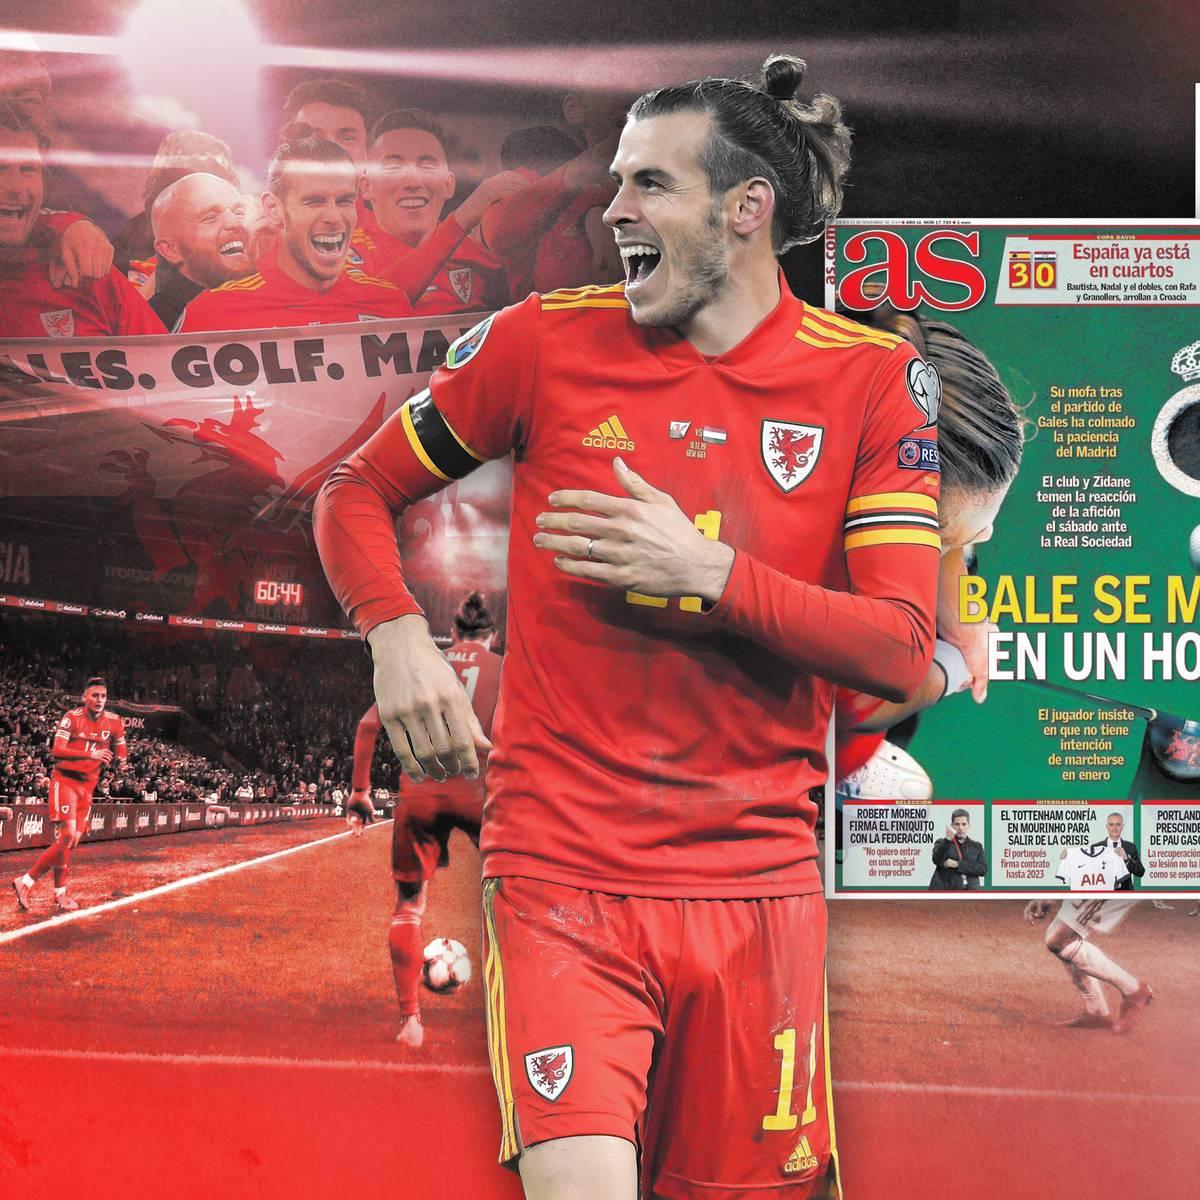 Presse: Bale respektlos und falsch